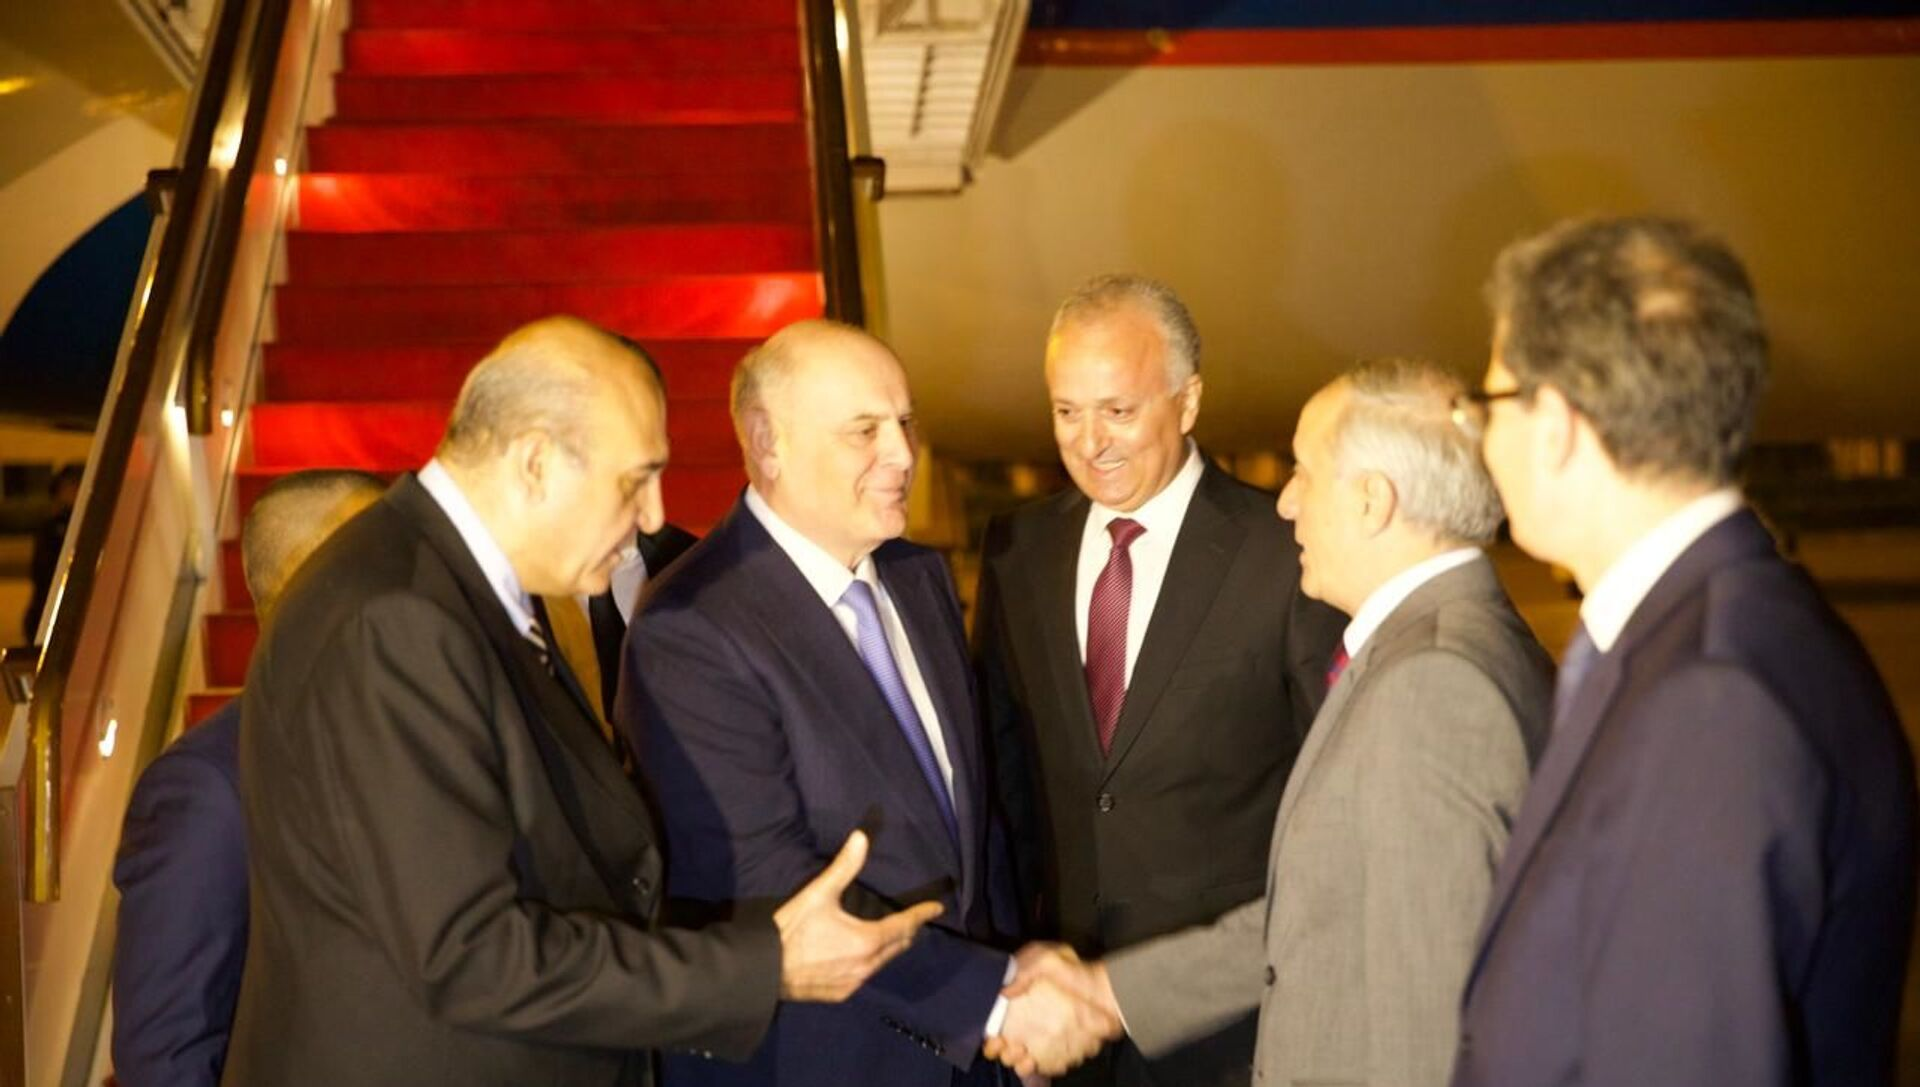 Президент Республики Абхазии Аслан Бжания с официальным визитом прибыл в Сирийскую Арабскую Республику. - Sputnik Аҧсны, 1920, 17.05.2021